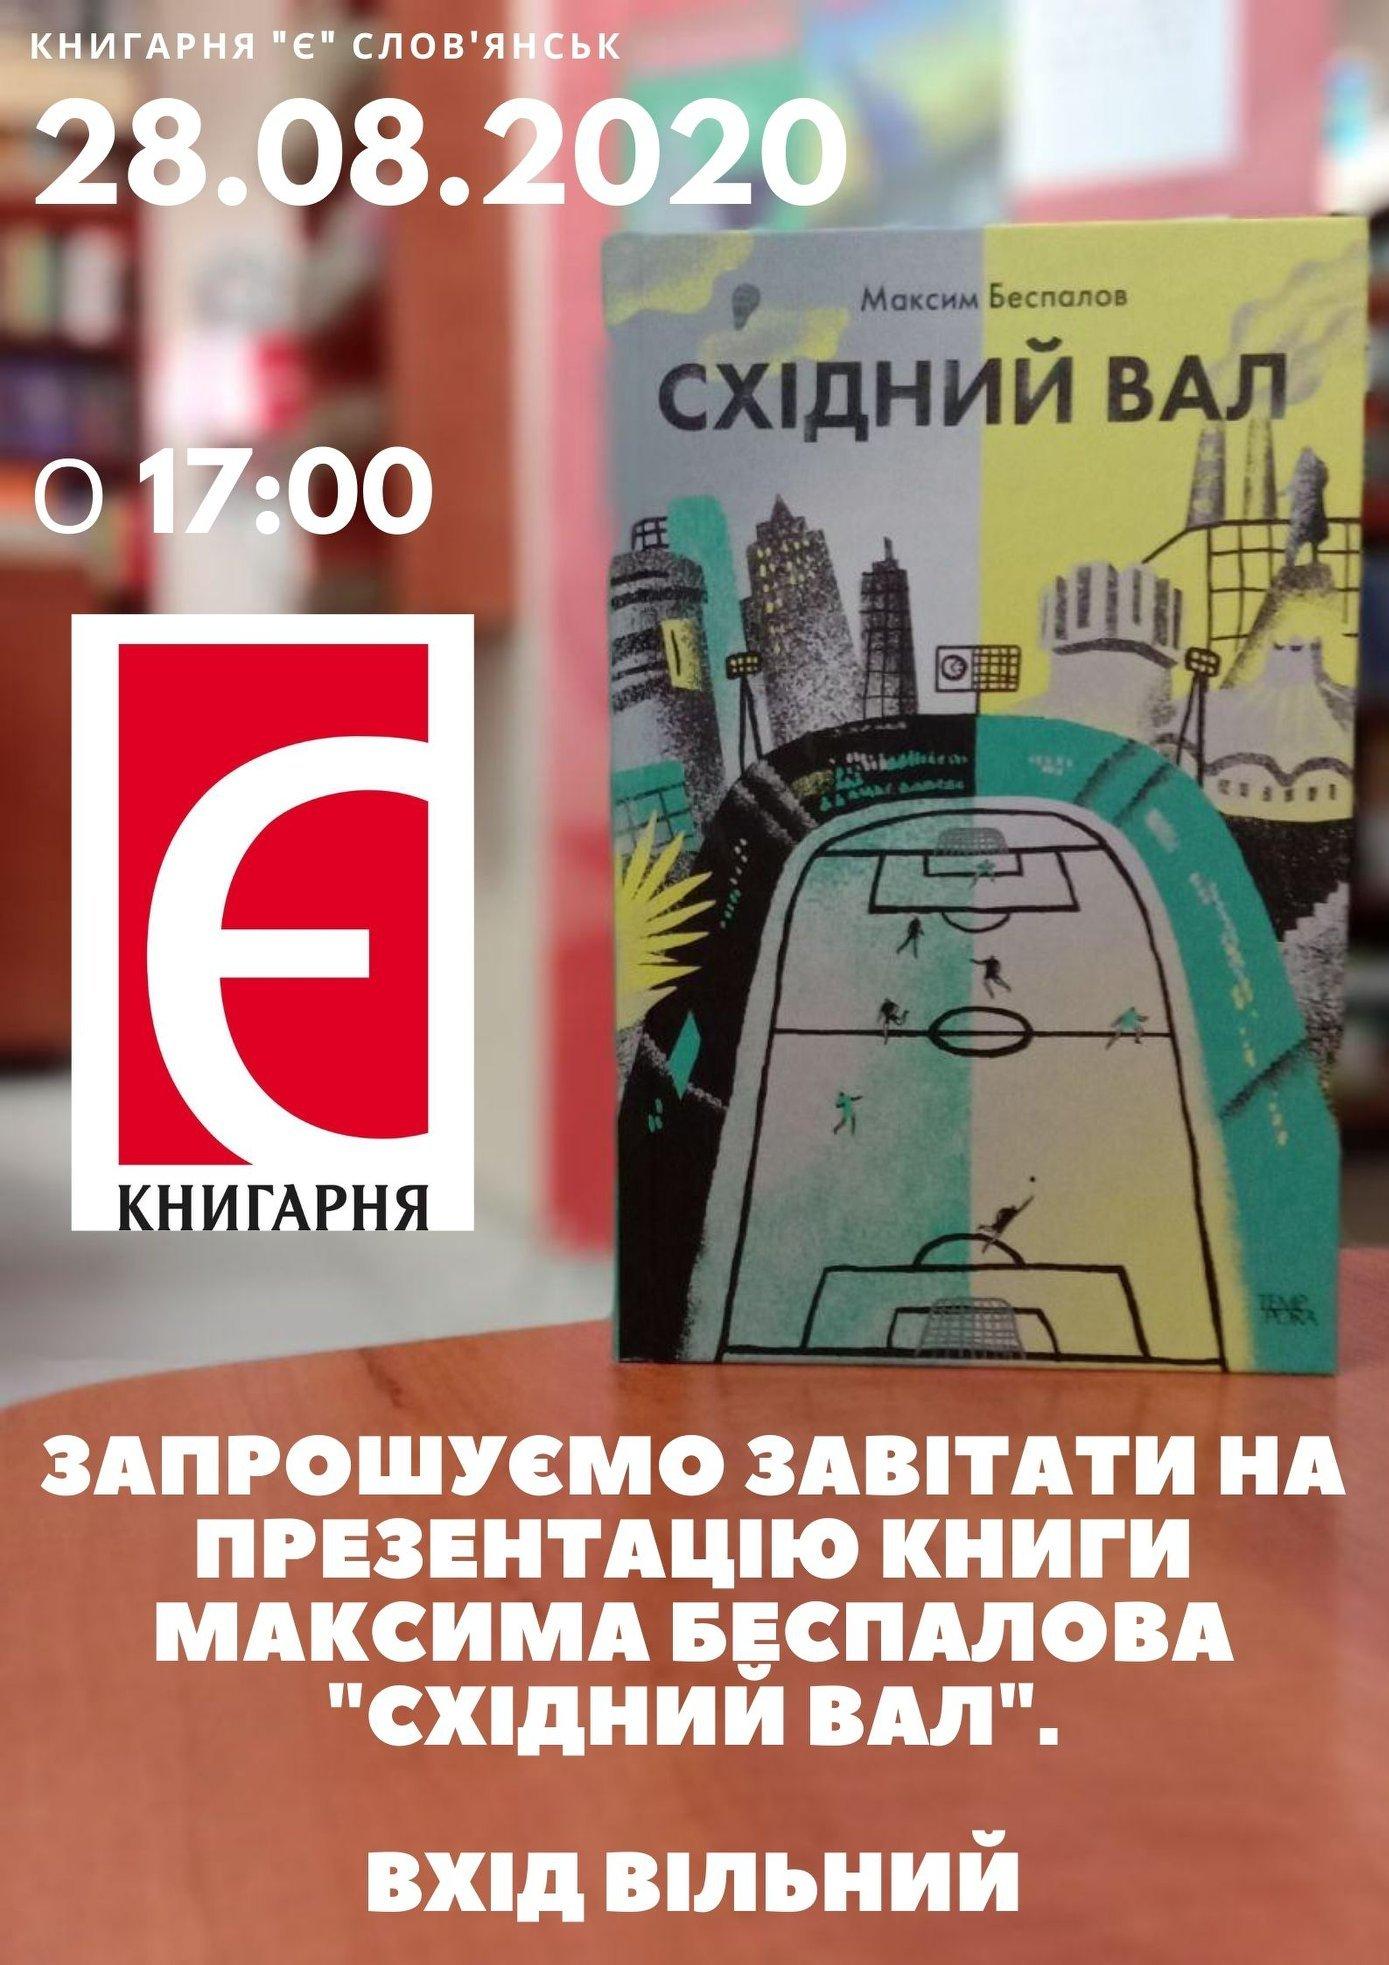 """У Слов'янську сьогодні презентують книгу """"Східний вал"""" , фото-1"""